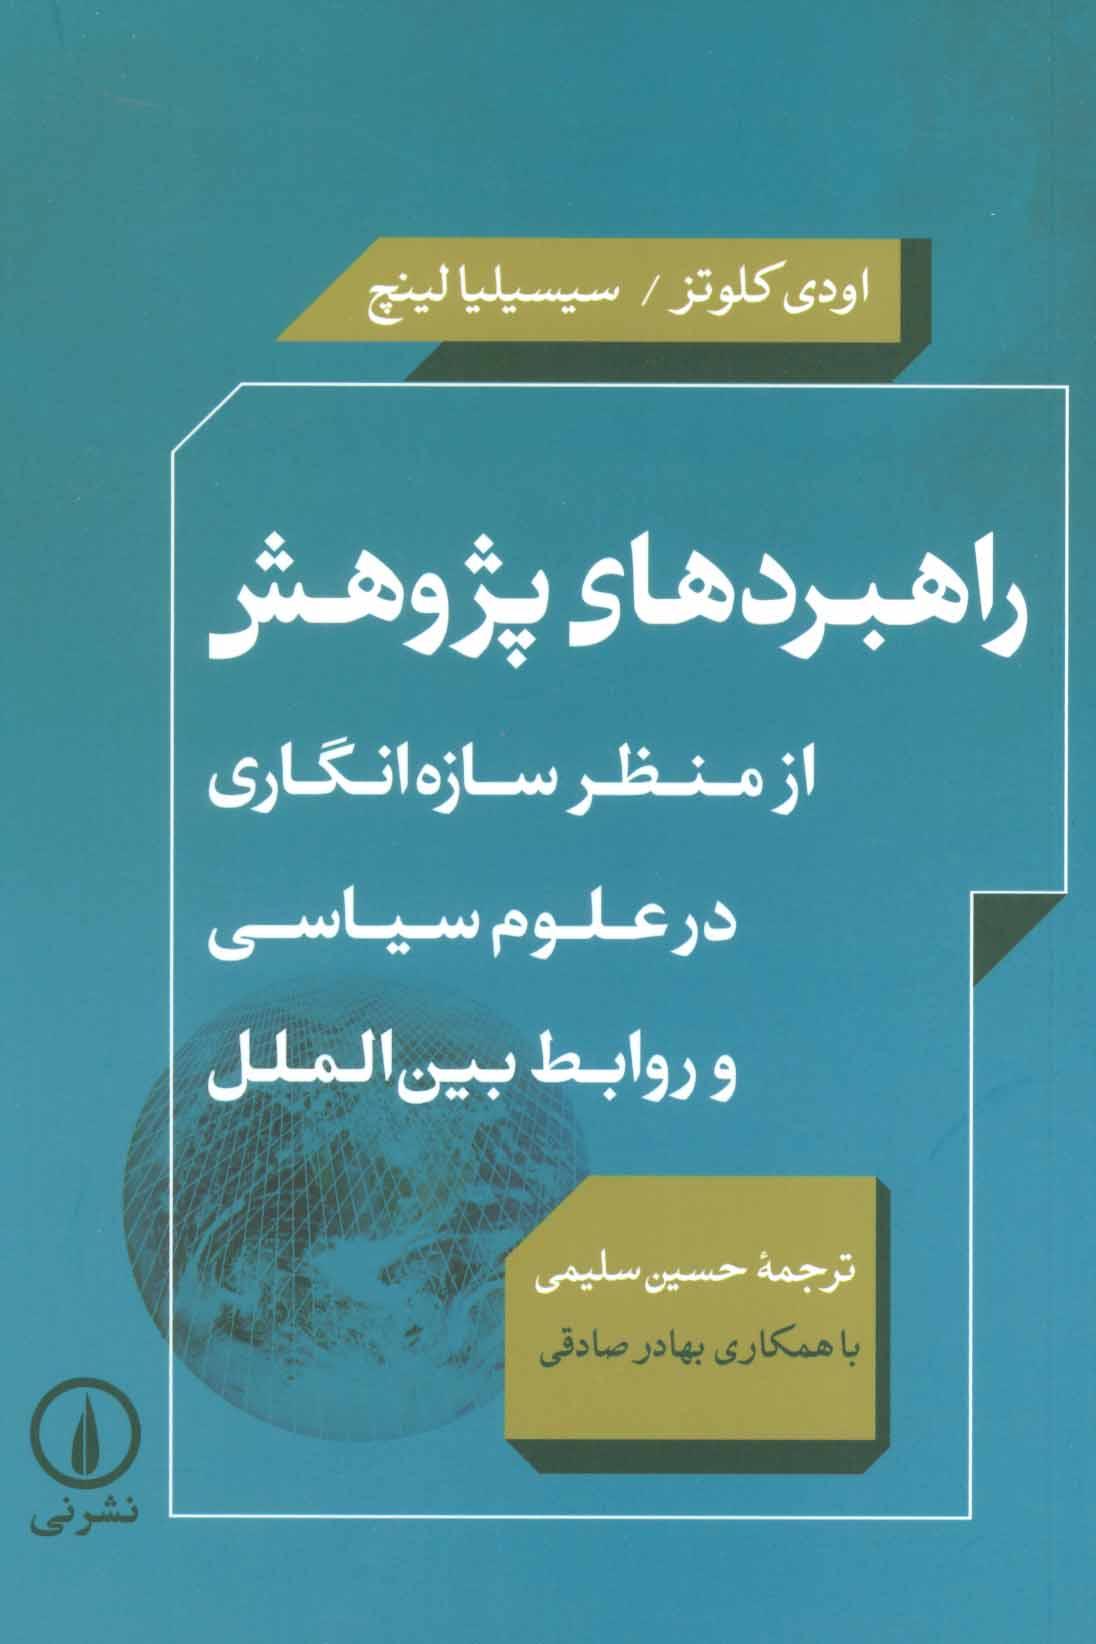 راهبردهای پژوهش از منظر سازه انگاری در علوم سیاسی و روابط بین الملل